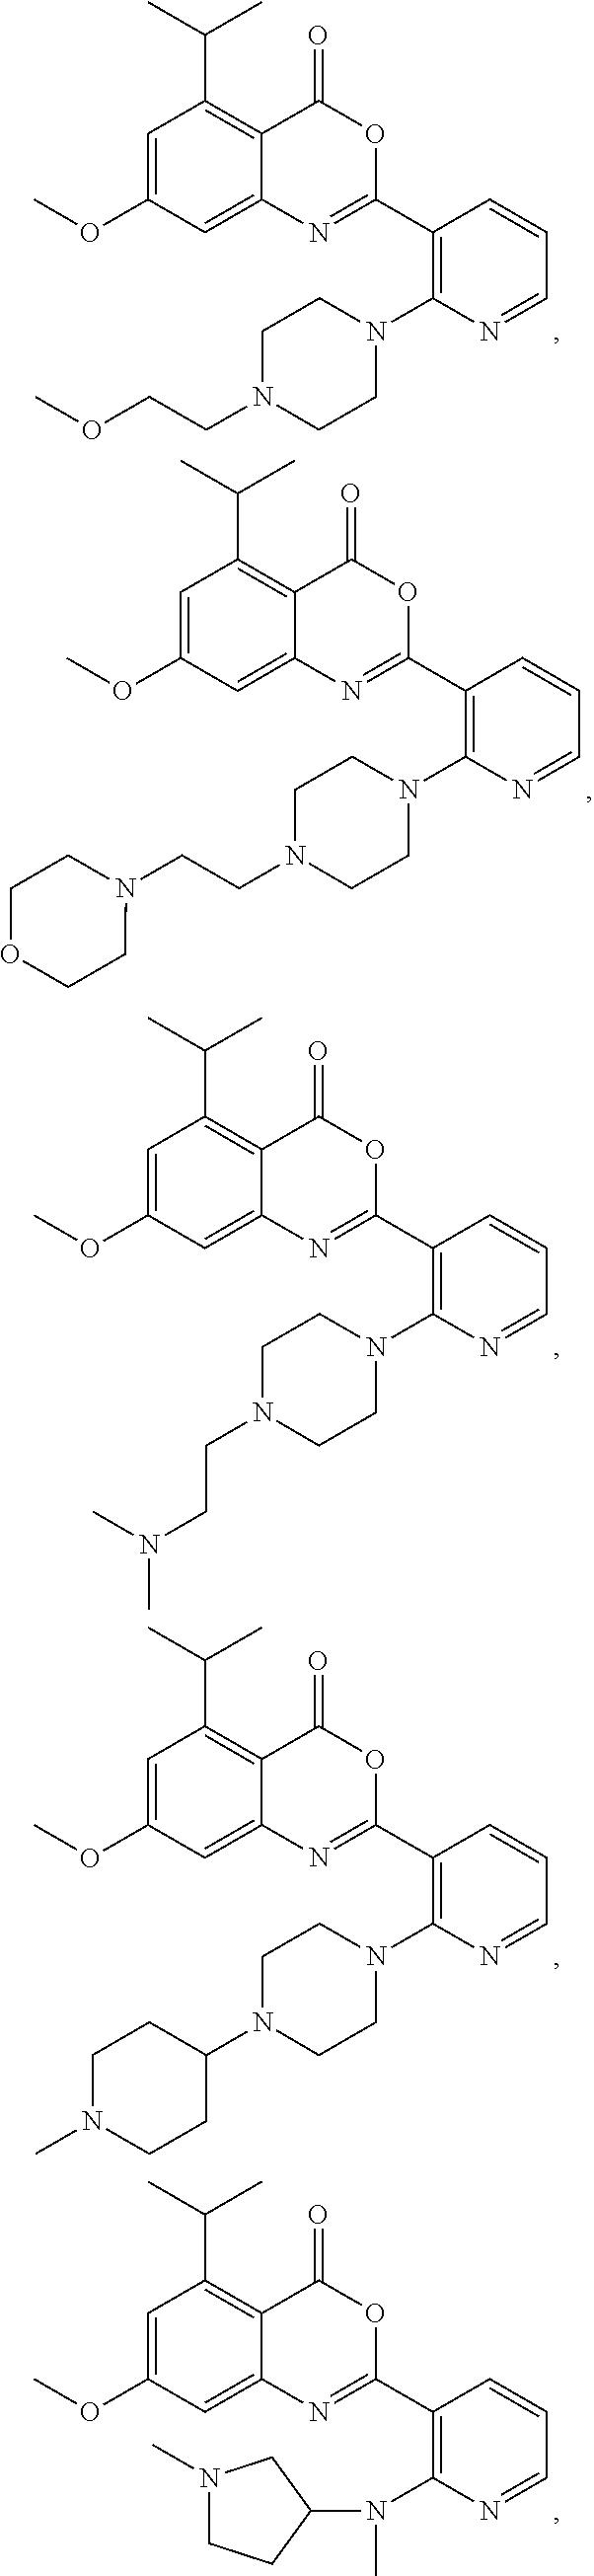 Figure US07879846-20110201-C00393